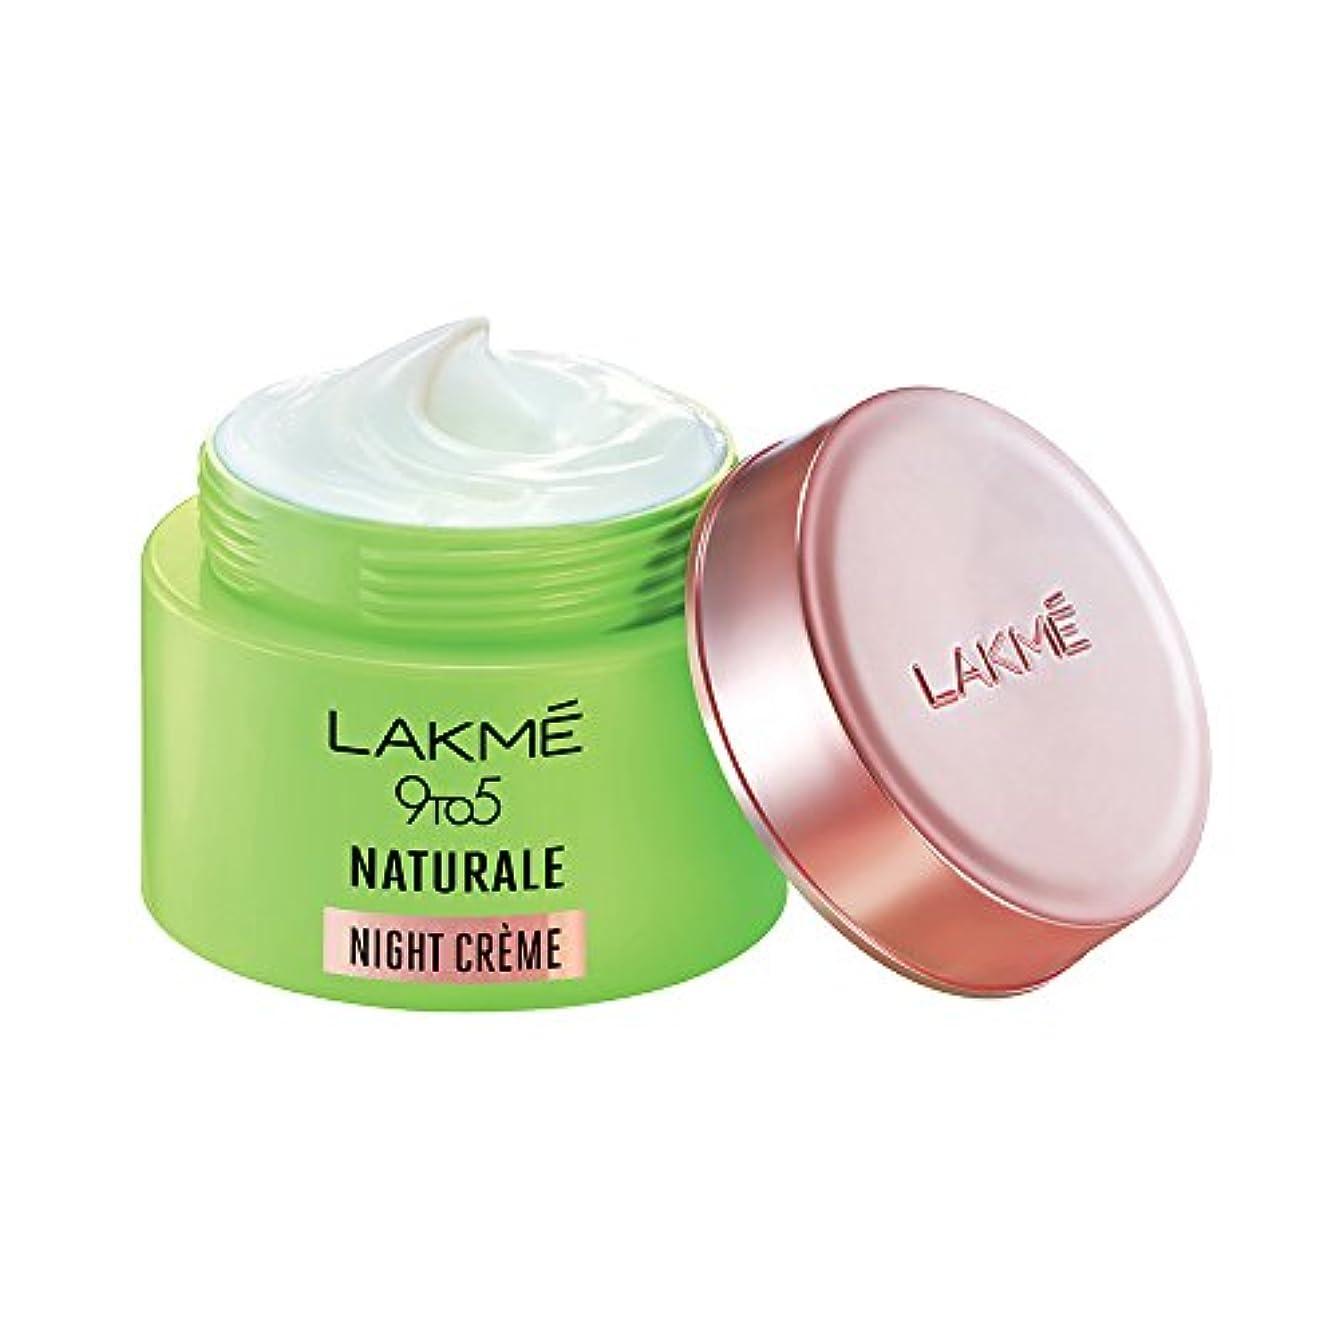 望まないバンジージャンプ胆嚢Lakme 9 to 5 Naturale Night Creme, 50 g